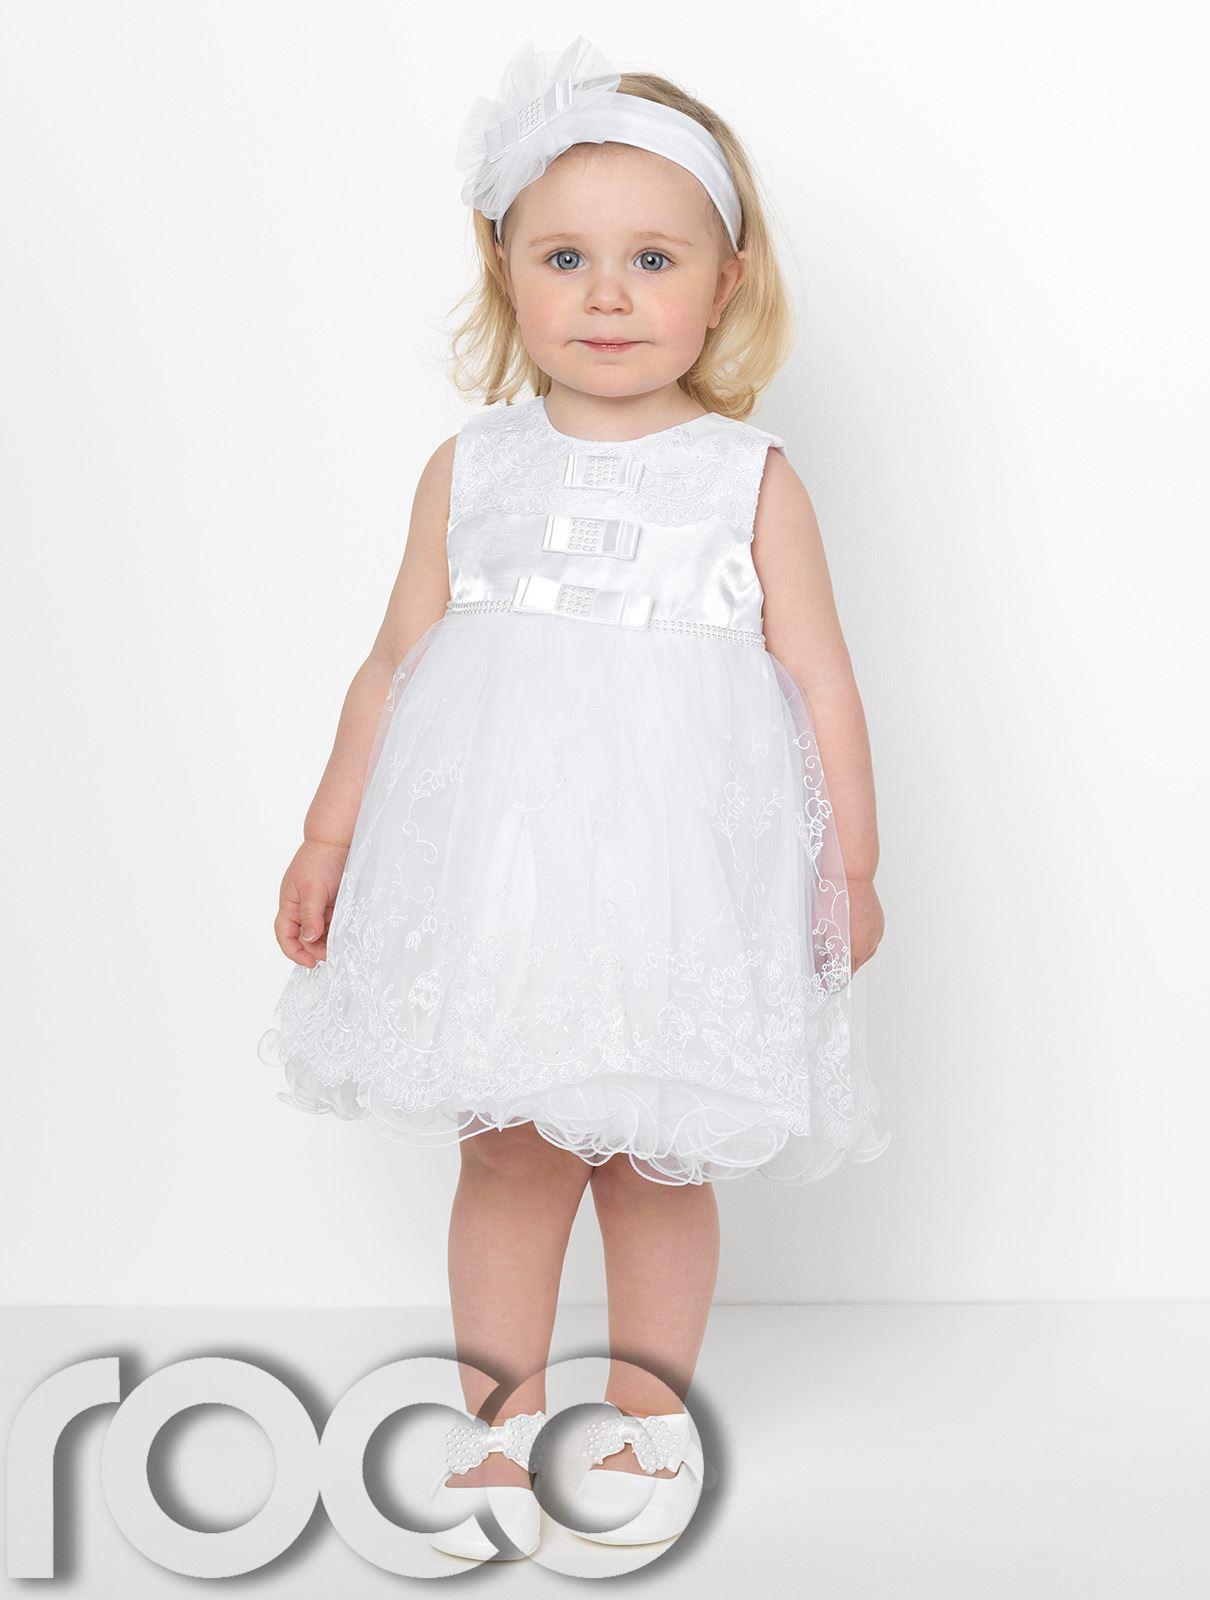 Baby Girls Dresses, Flower Girl Dresses, Christening ... - photo #45